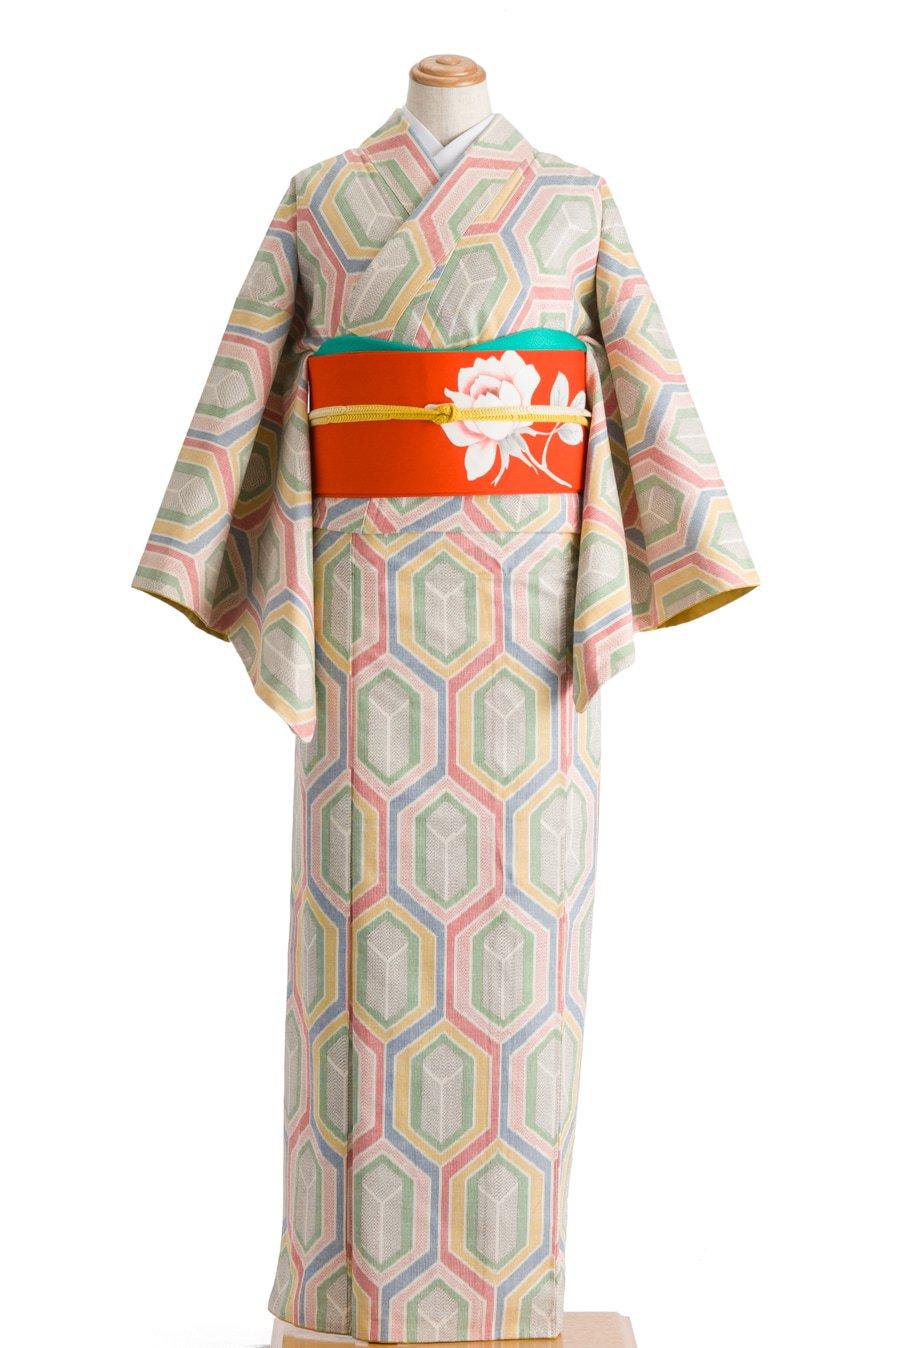 「紬 虹色亀甲」の商品画像